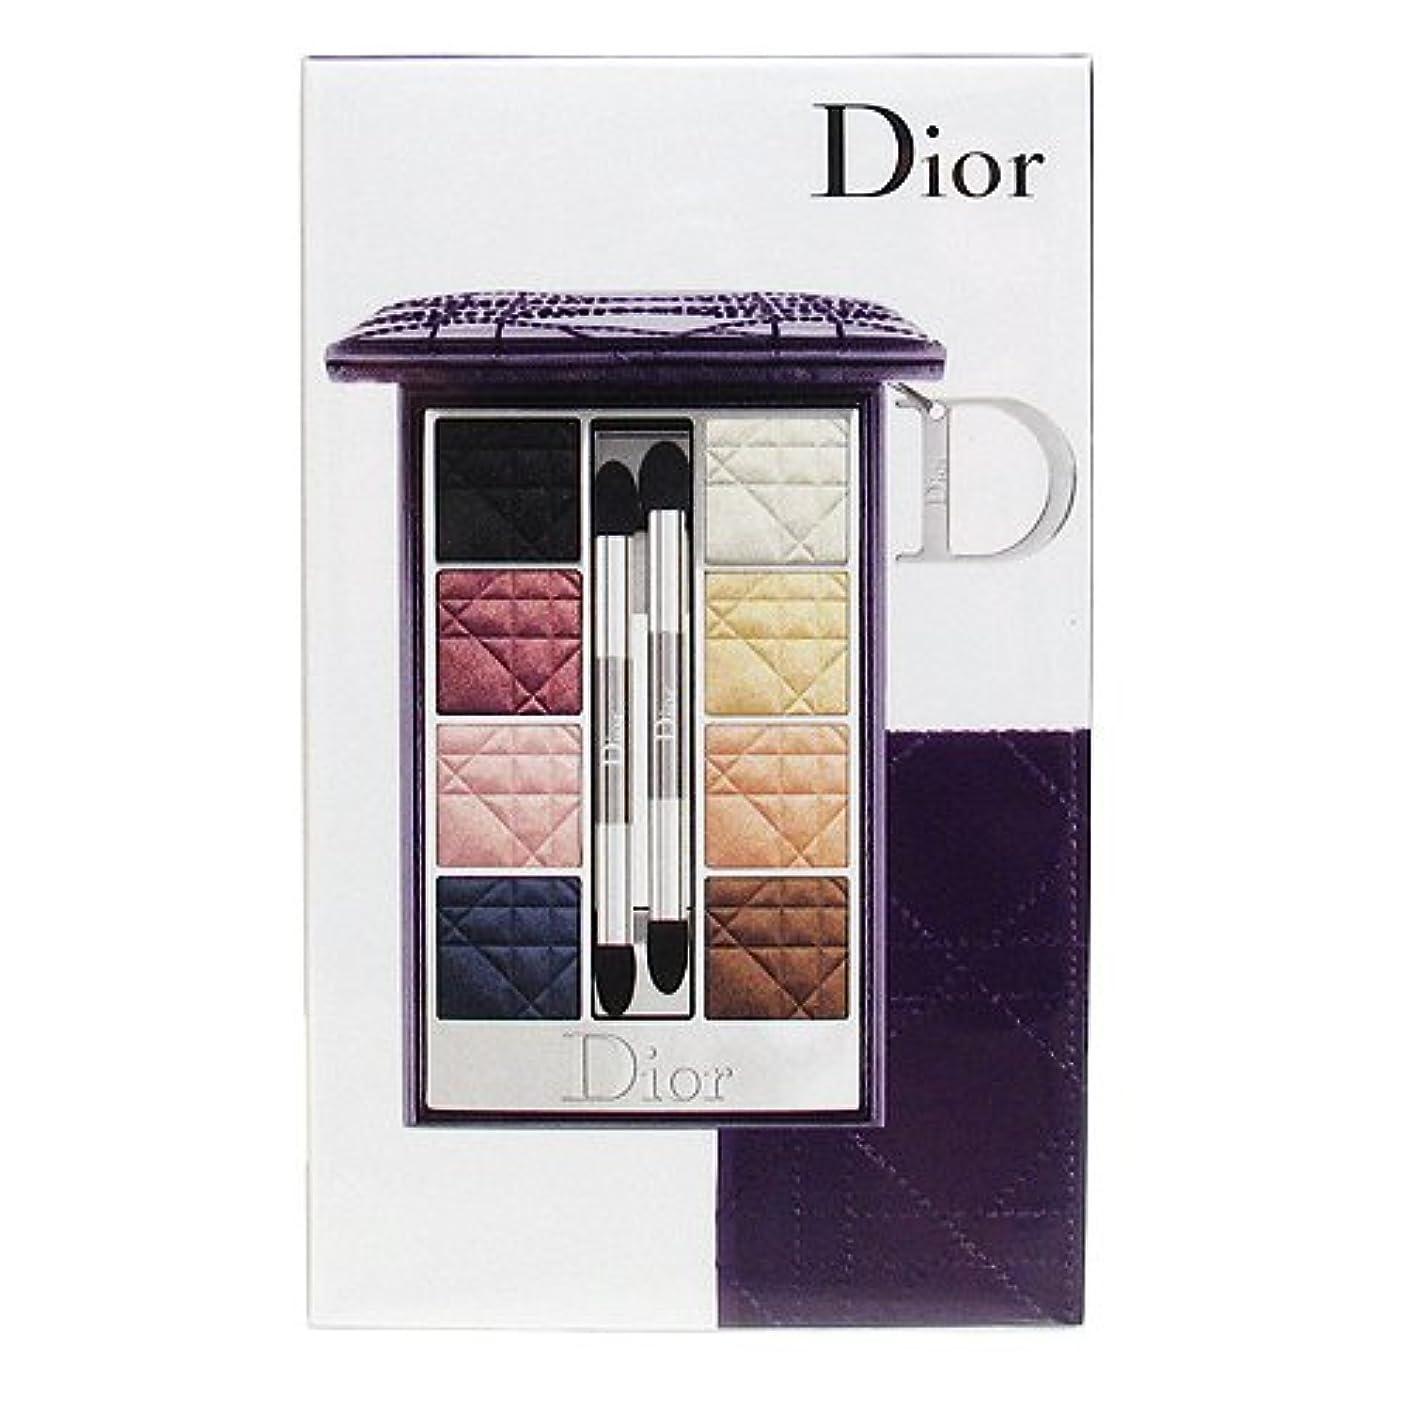 レスリング思いやり普通にクリスチャン ディオール カナージュコレクション アイパレット Christian Dior